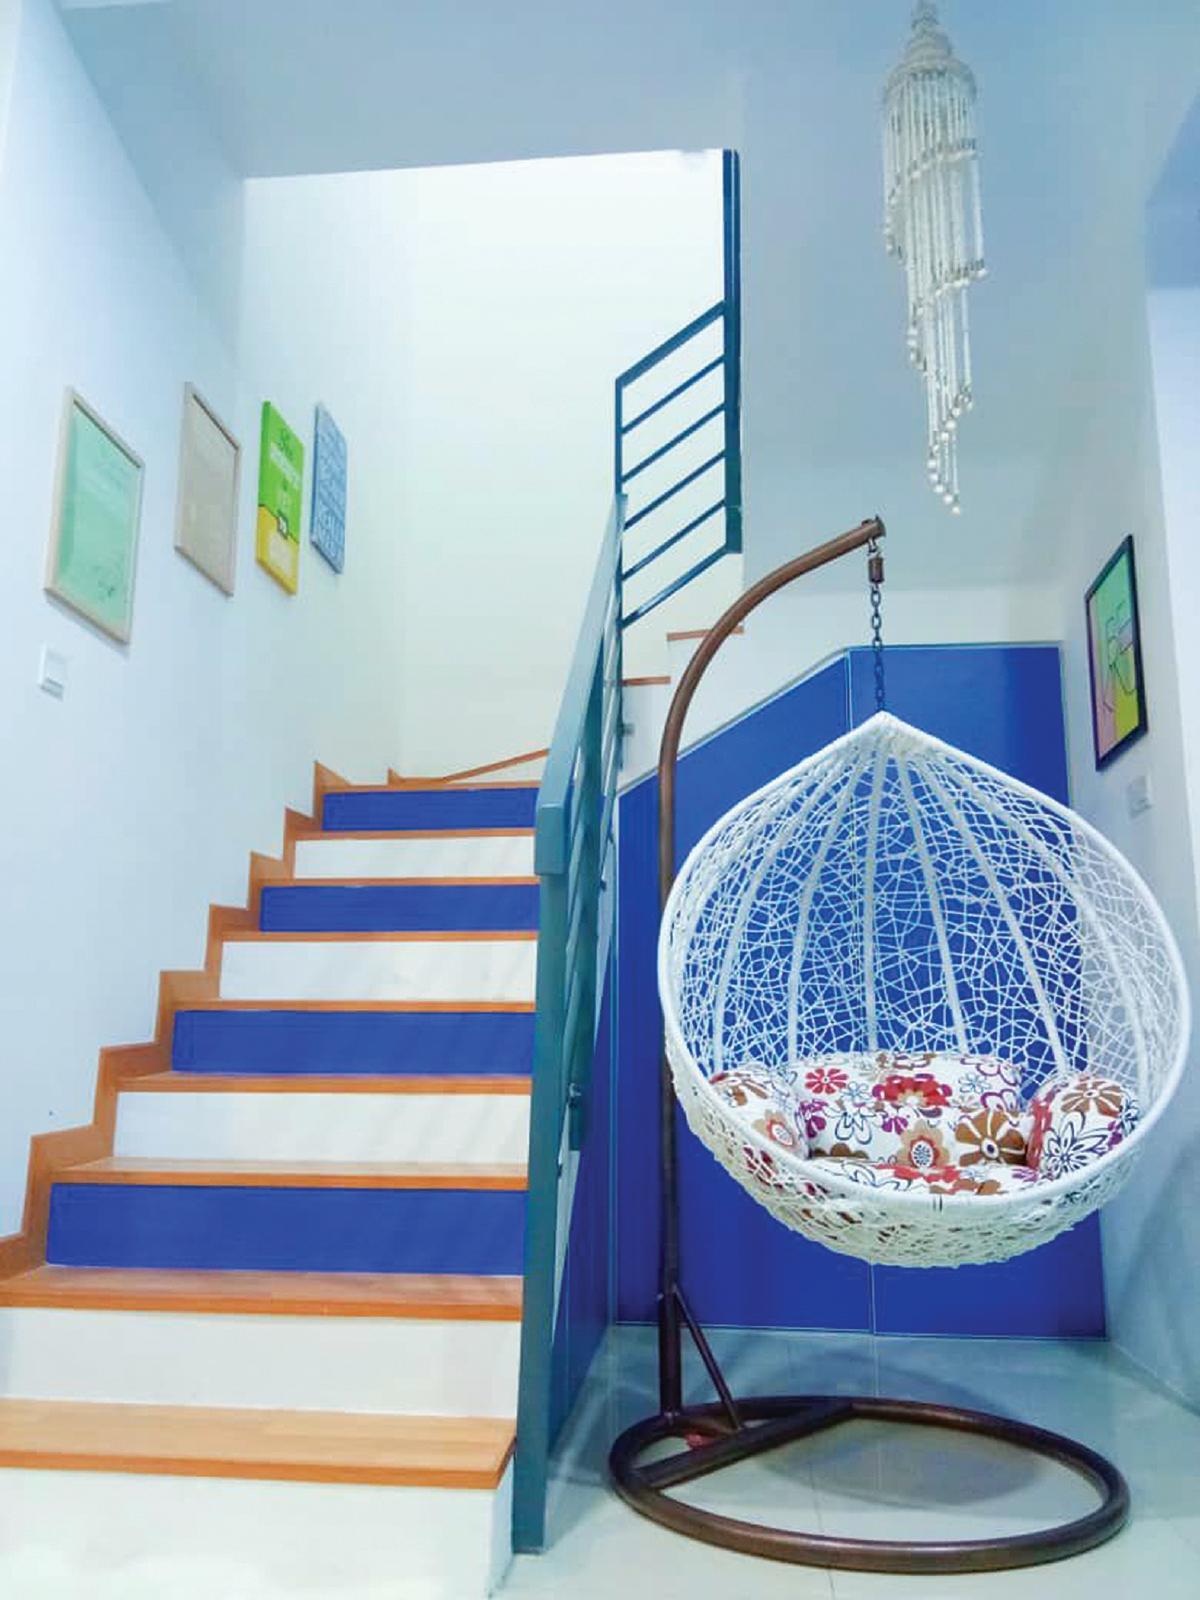 RUANG tangga